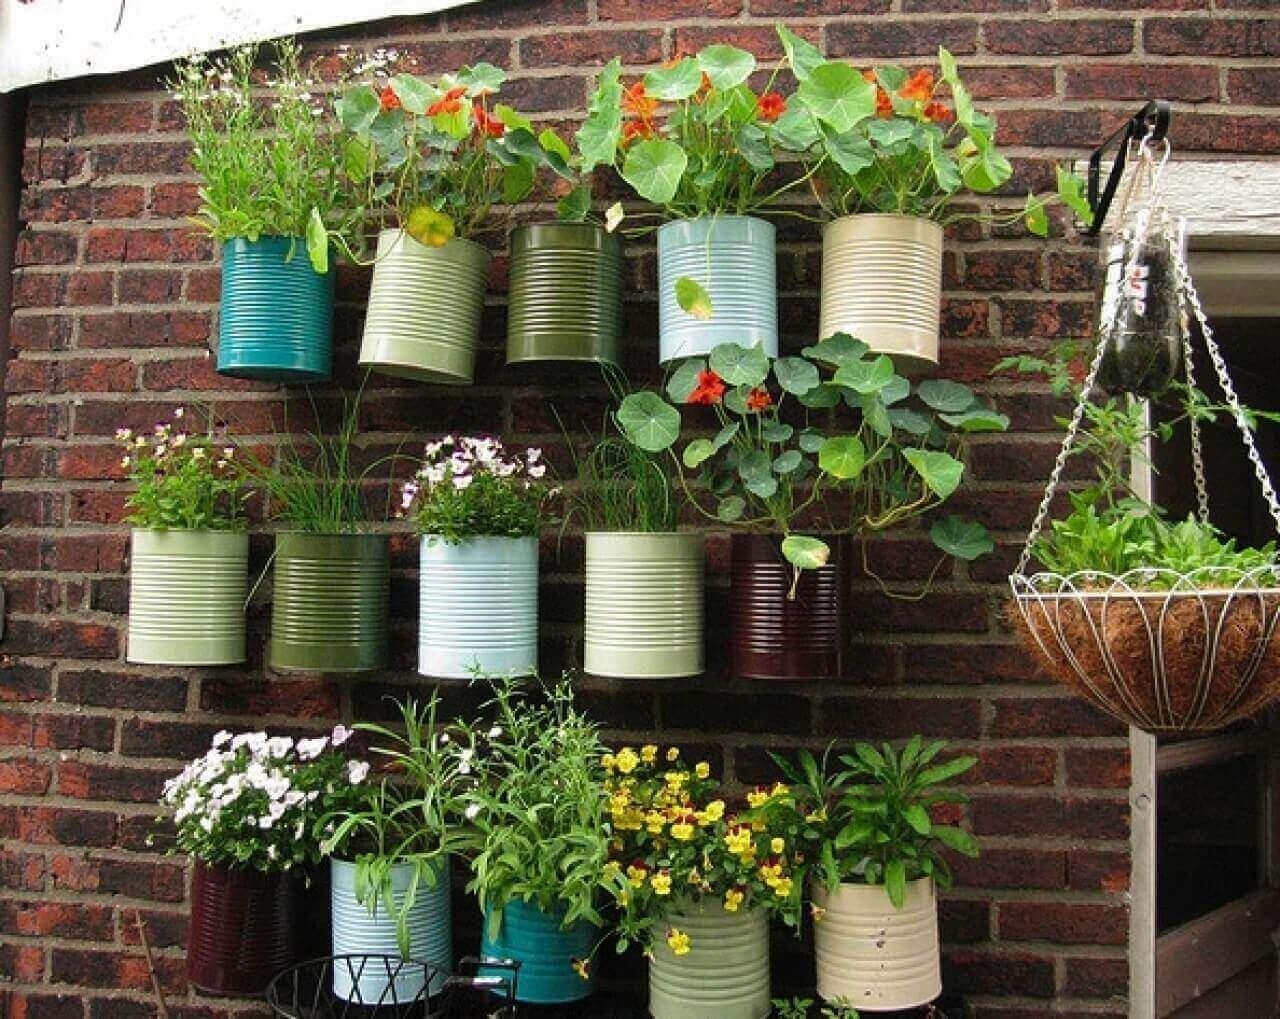 Terassipuutarhan luomiseksi kannattaa ensiksi tehdä hyvä suunnitelma ja perehtyä istutettaviin kasveihin.